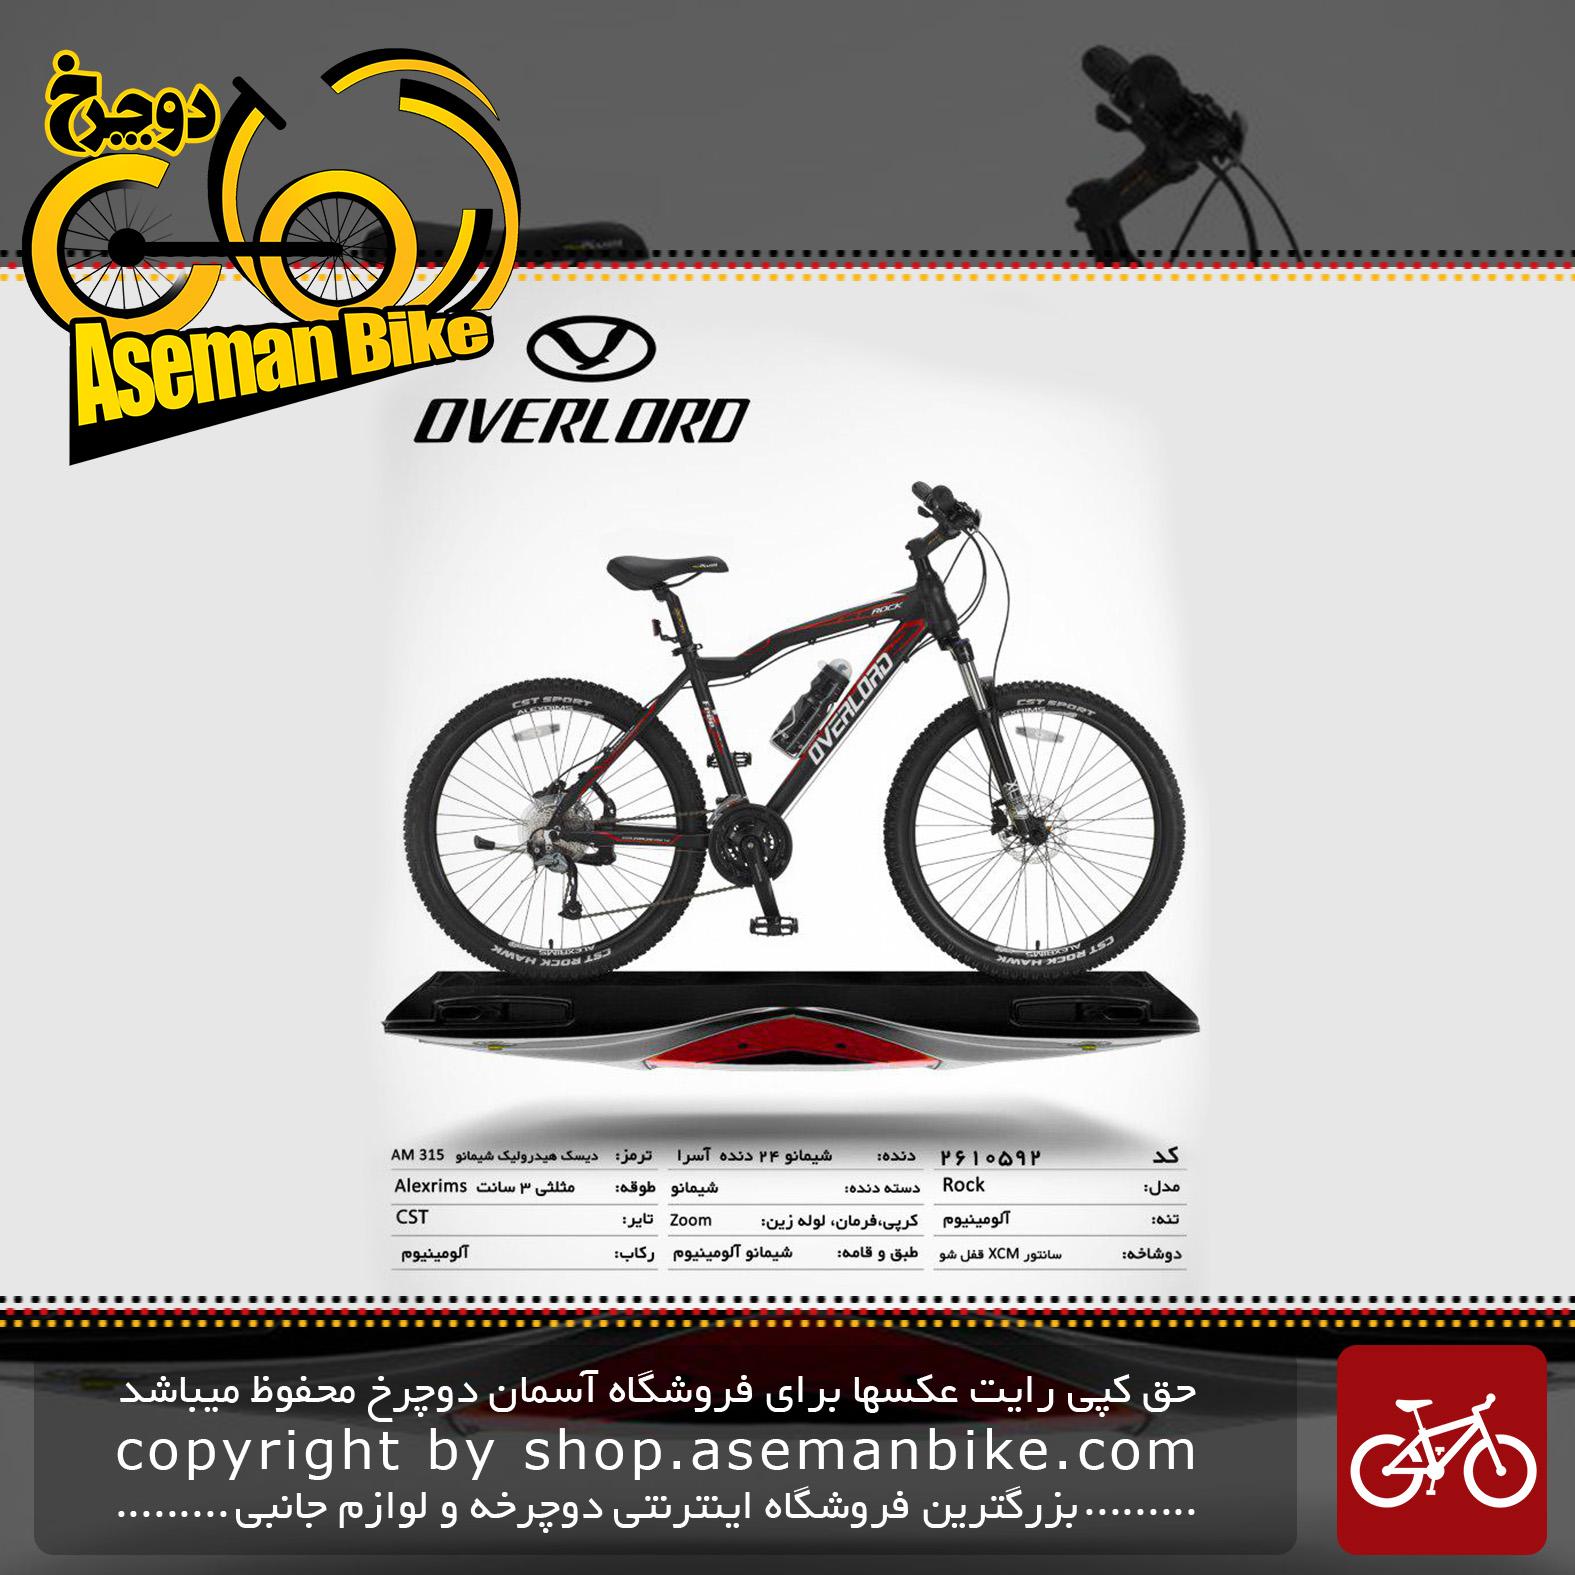 دوچرخه کوهستان شهری اورلرد مدل راک 24 دنده شیمانو آسرا سایز 26 ساخت تایوان OVERLORD Mountain City Taiwan Bicycle ROCK 27.5 2019